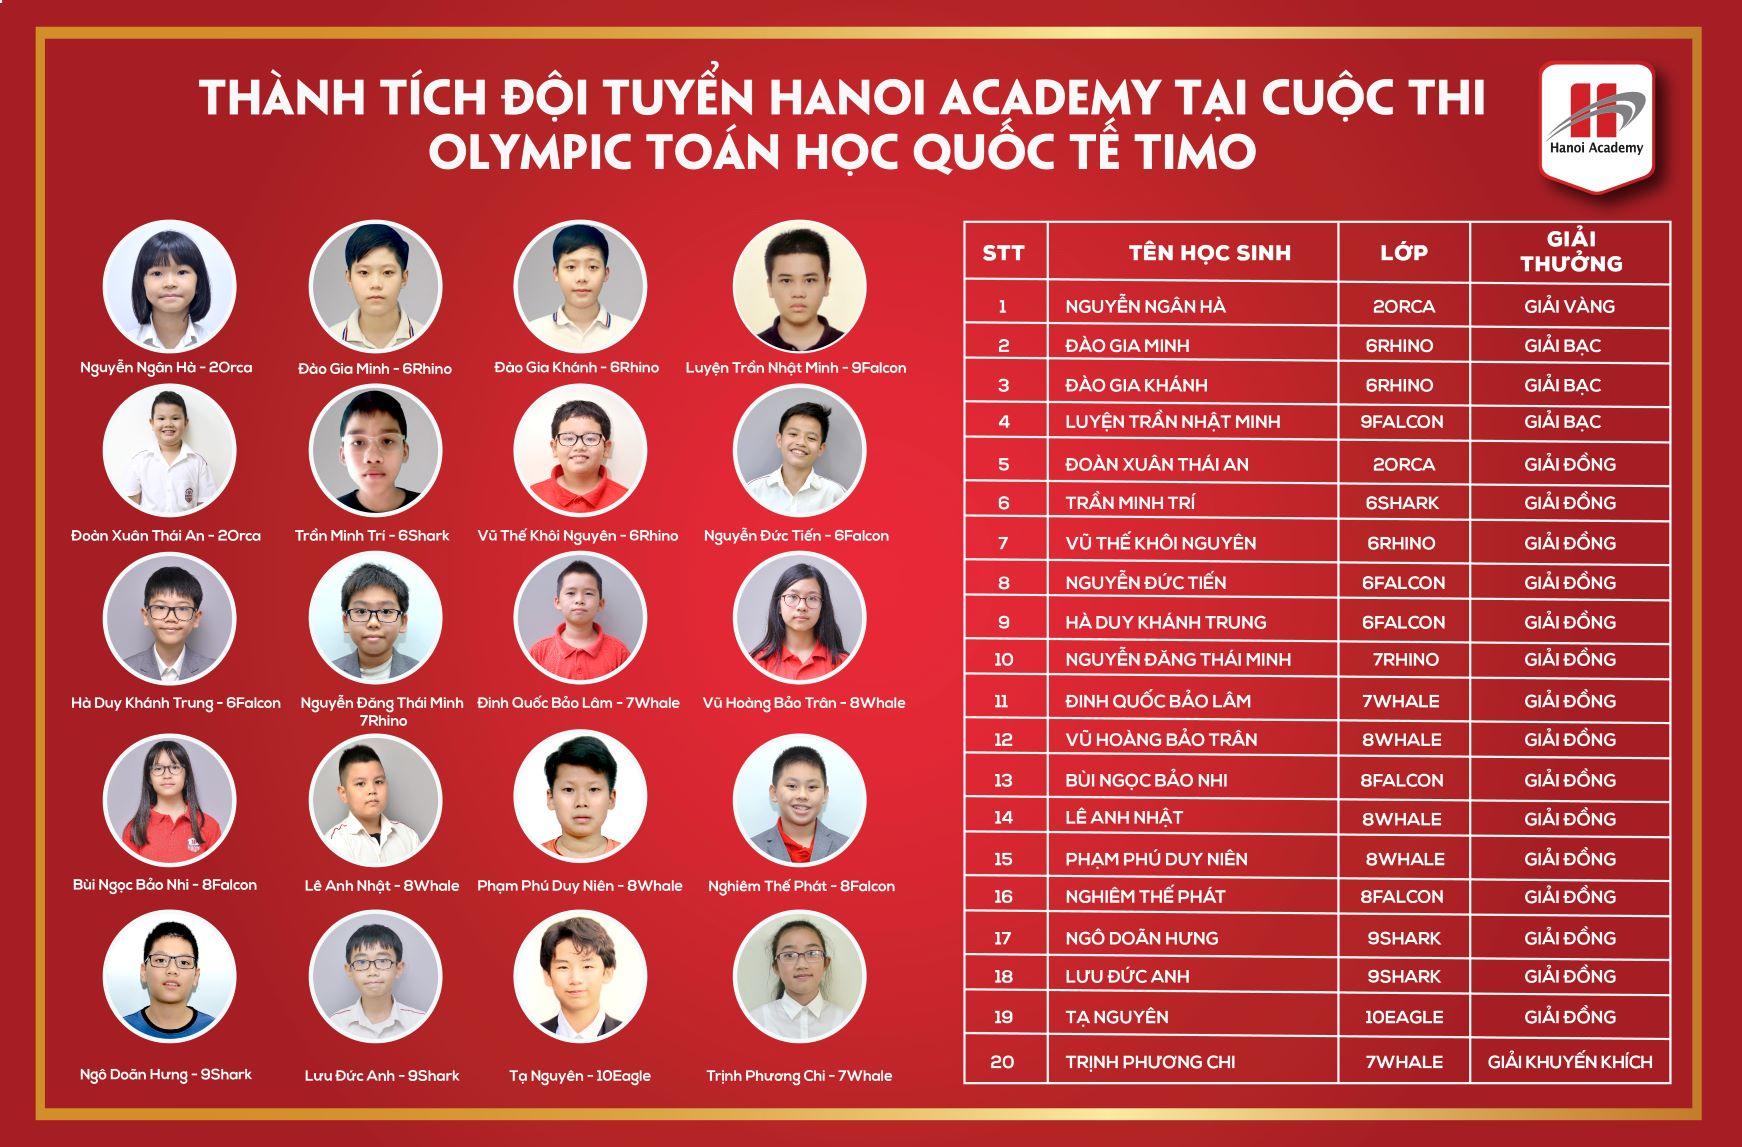 Cơn mưa thành tích của đội tuyển Hanoi Academy tại cuộc thi Olympic Toán học quốc tế TIMO 2020 Trang chủ